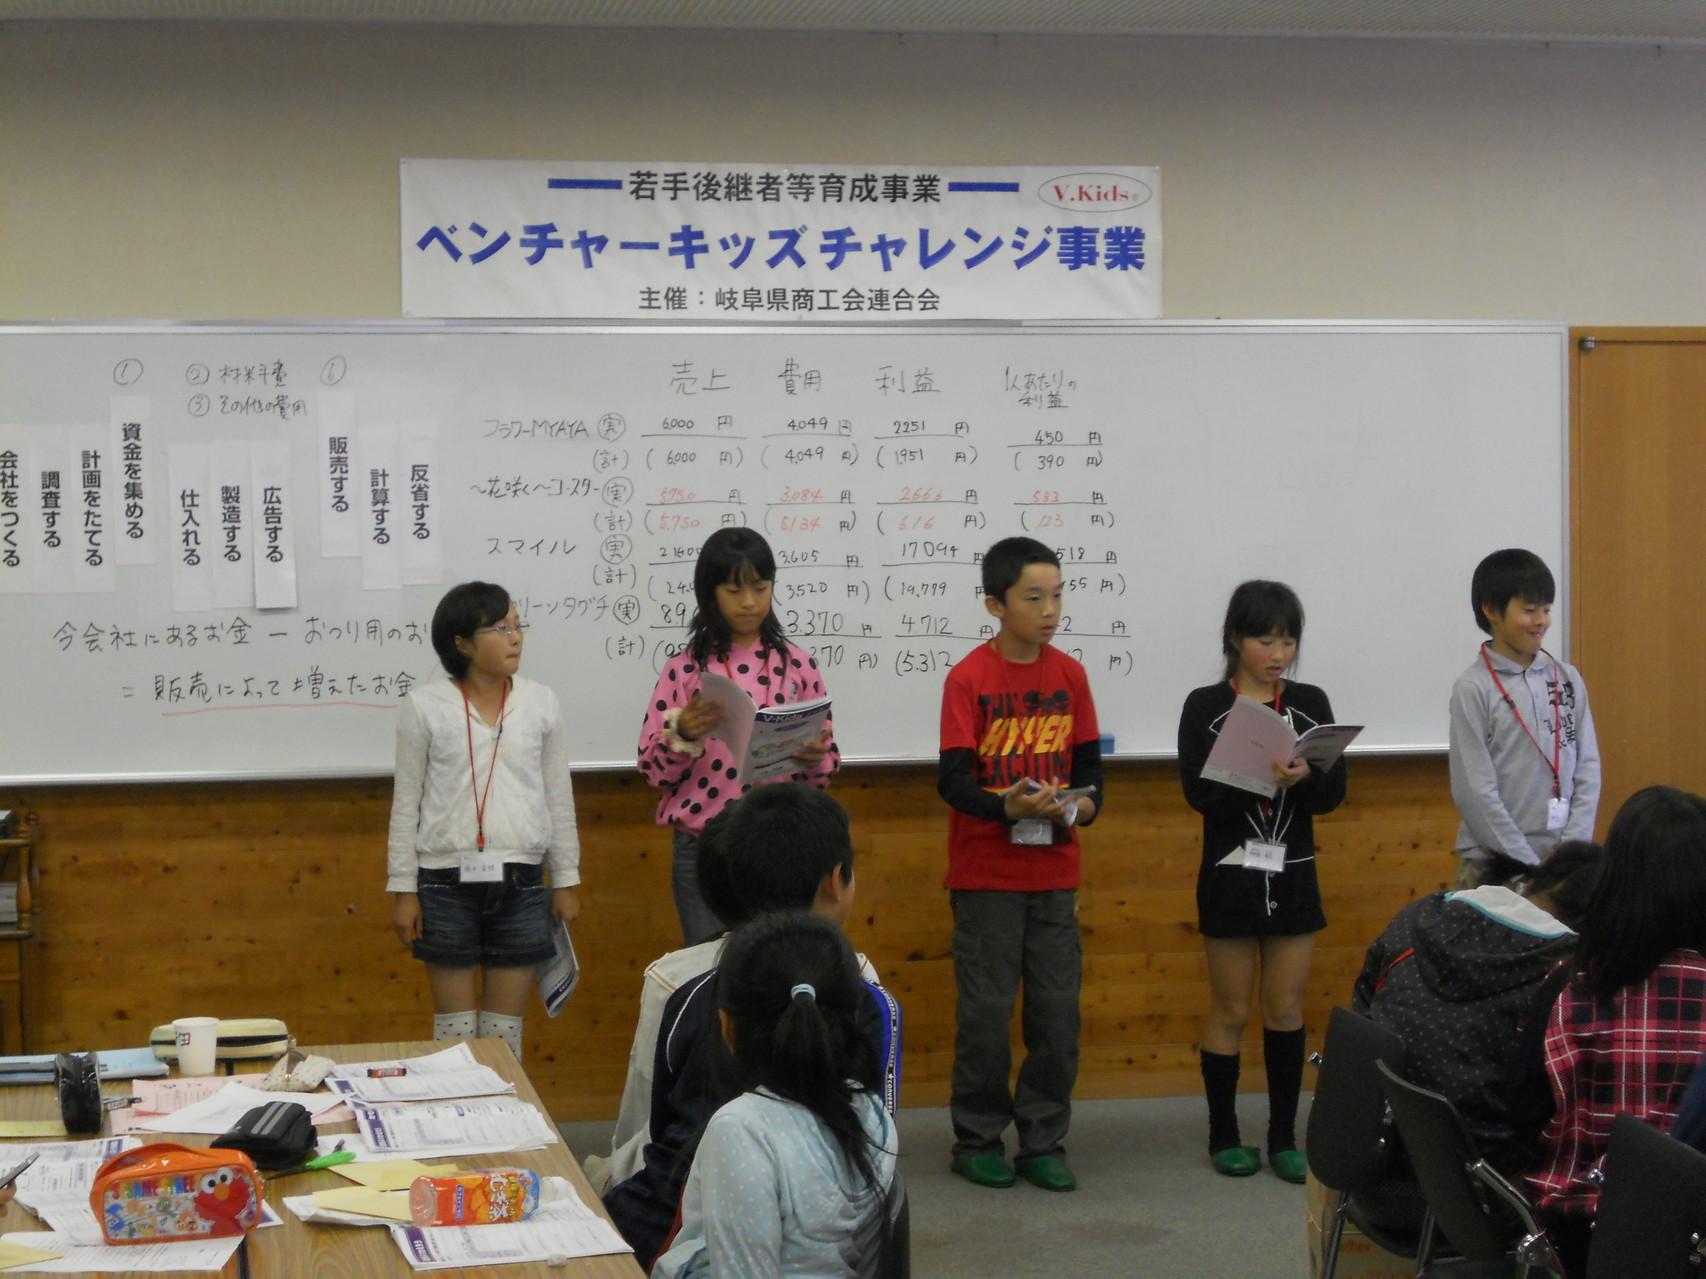 各グループより決算報告を行いました。